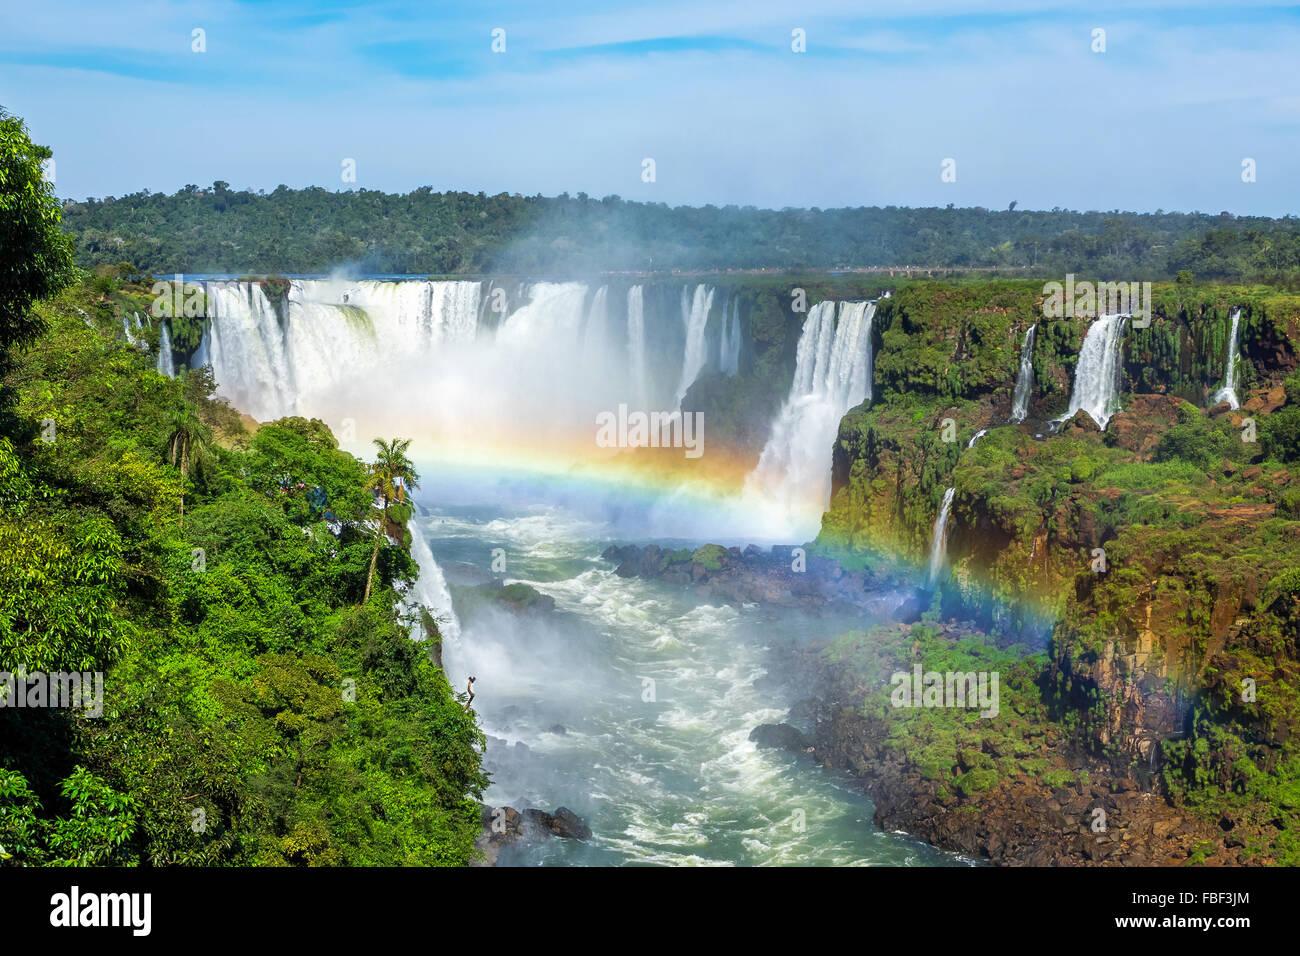 Rainbow au chutes d'Iguaçu, à la frontière de l'Argentine et le Brésil. Photo Stock